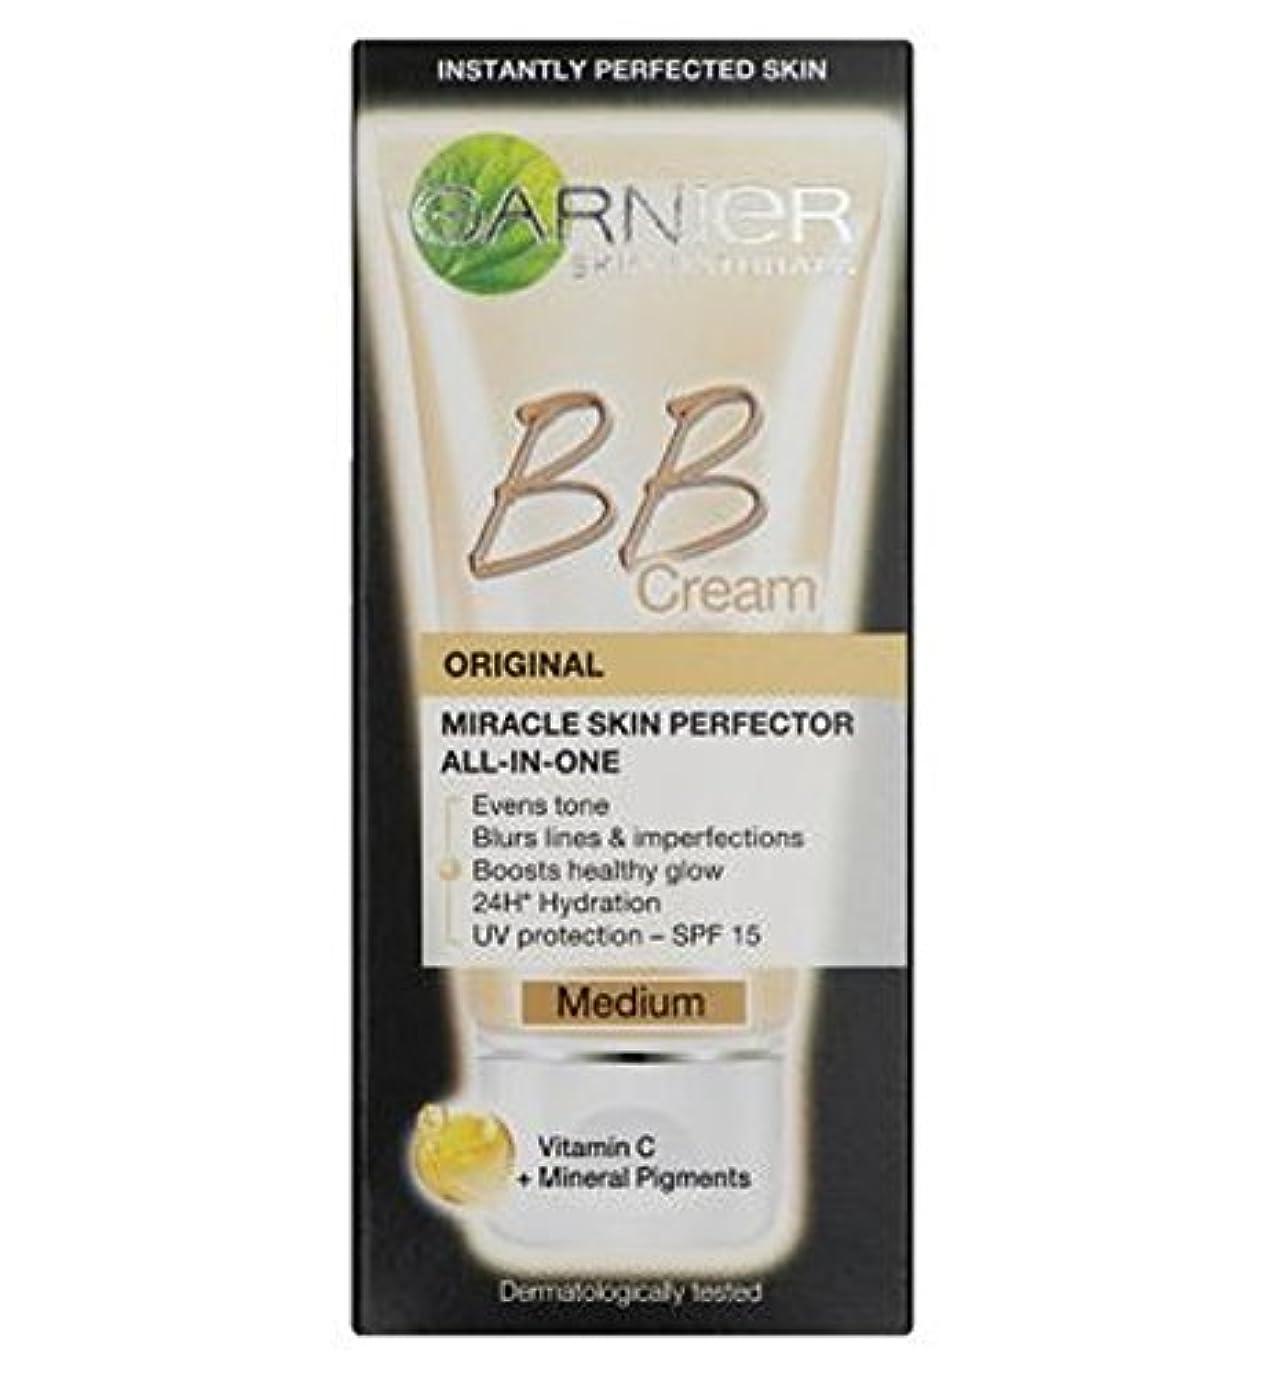 さておき歯プラスチックGarnier Skin Perfector Daily All-In-One B.B. Blemish Balm Cream Medium 50ml - 毎日オールインワンB.B.ガルニエスキンパーフェク傷バームクリーム...